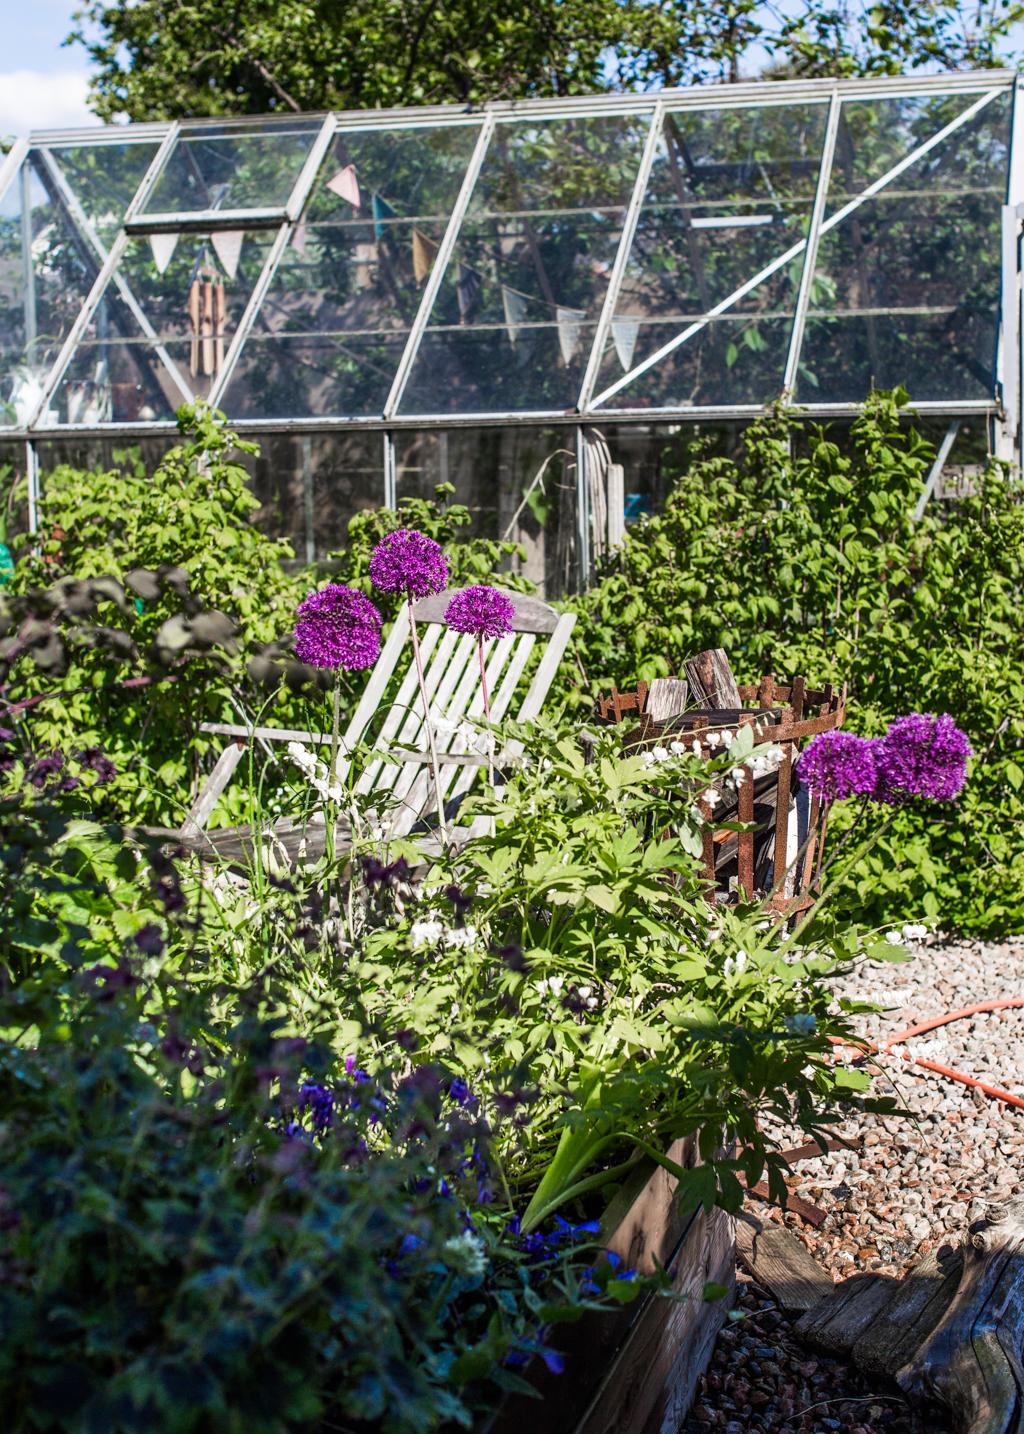 garden cup_kristin lagerqvist-3844